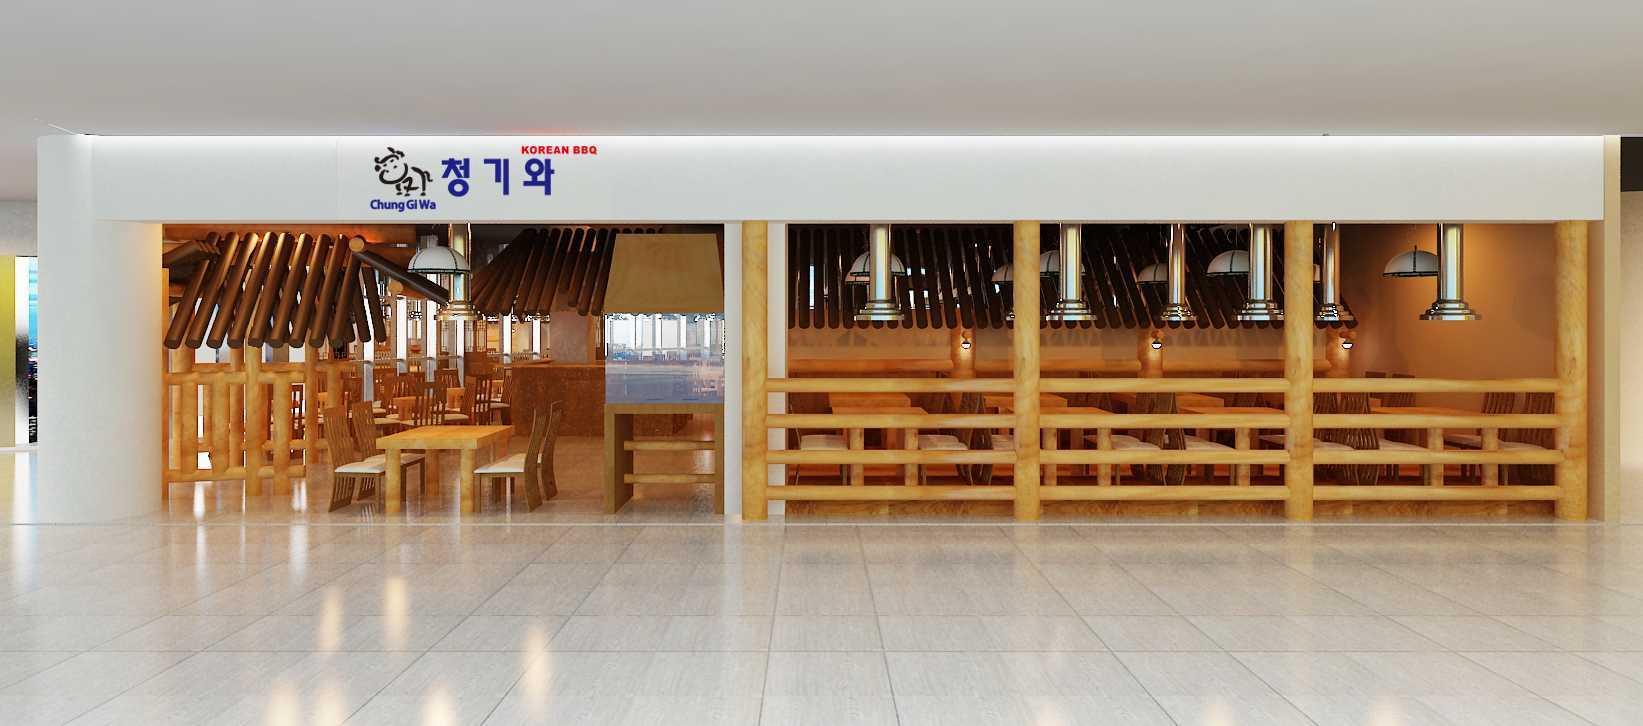 """Yohanes Khouw Restoran Korea """"cung Gi Wa"""" Pik Avenue Pantai Indah Kapuk Pantai Indah Kapuk Exterior-Front View Asian  12066"""